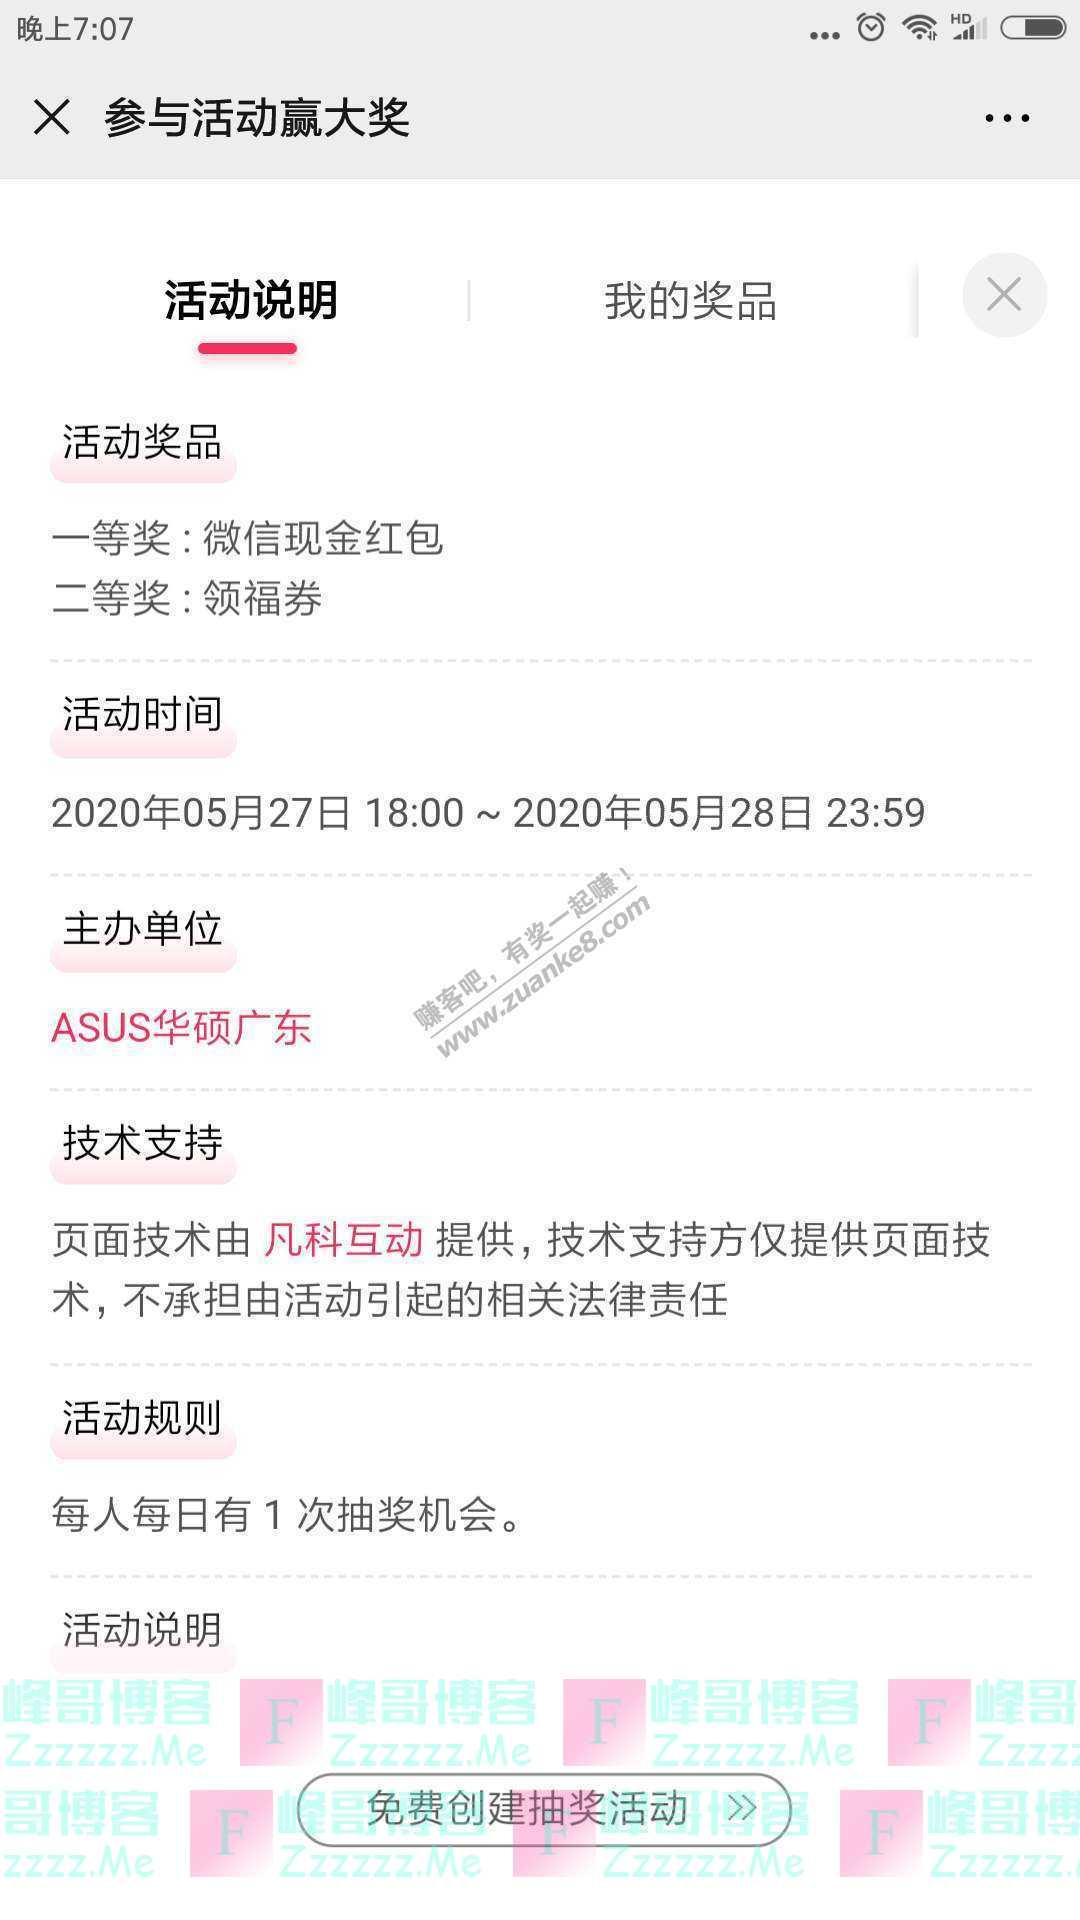 ASUS华硕广东当代年轻人的成长图鉴(截止5月28日)